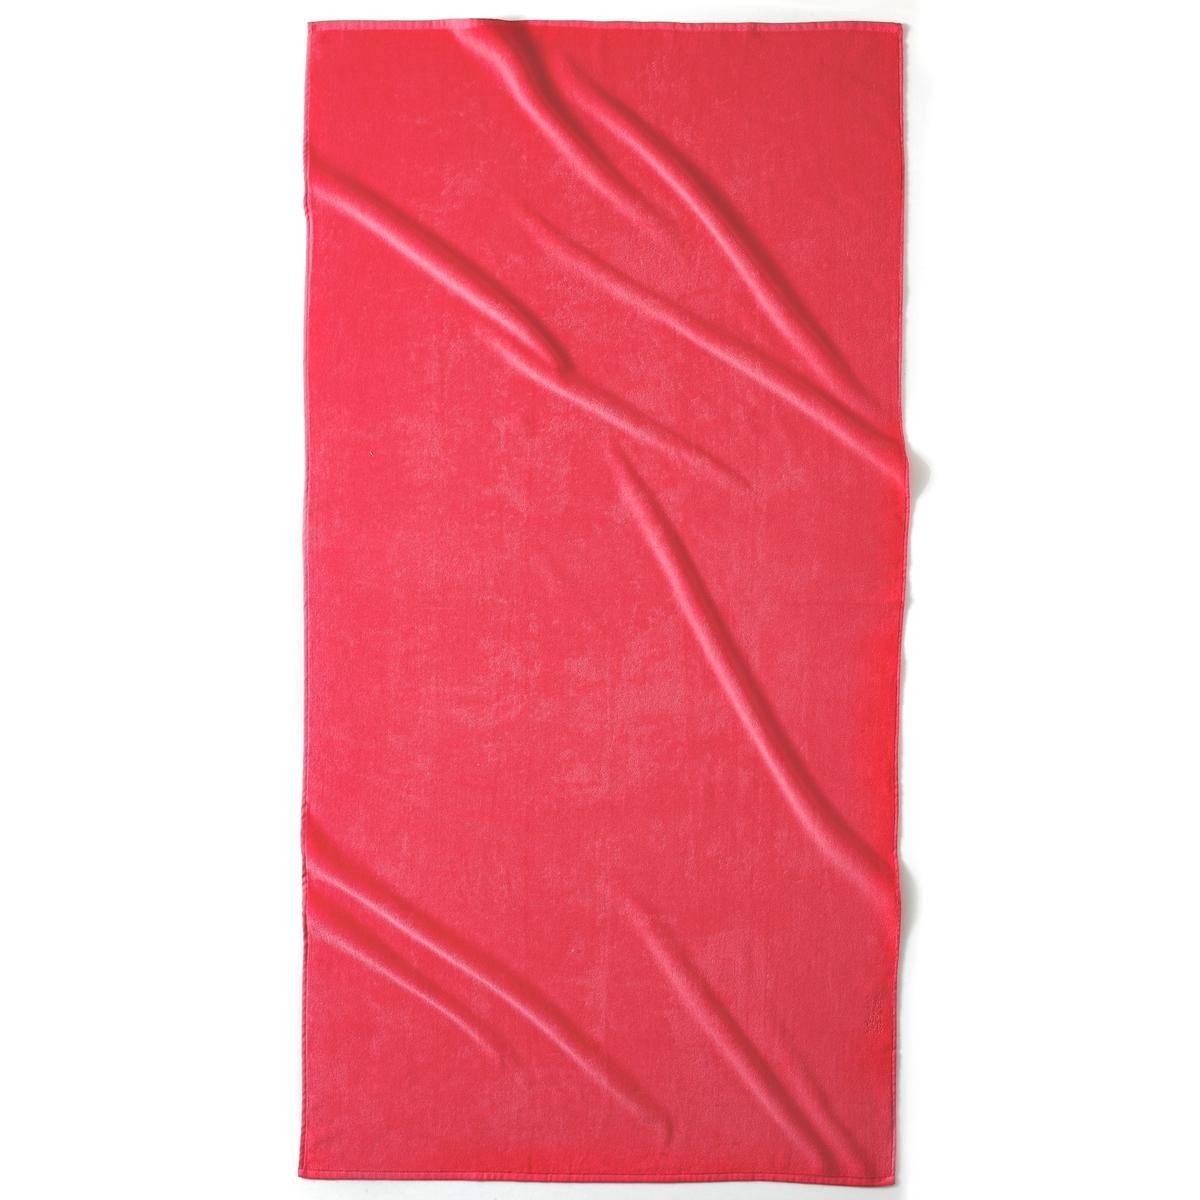 Полотенце пляжное ESTORILПляжное полотенце из 100% хлопка, 420 г/м?. 1 сторона из велюра, 1 сторона из махровой ткани. Размер полотенца: 90 x 175 см. Стирка при 40°.<br><br>Цвет: гренадин,зеленый анис,темно-серый,фиолетовый